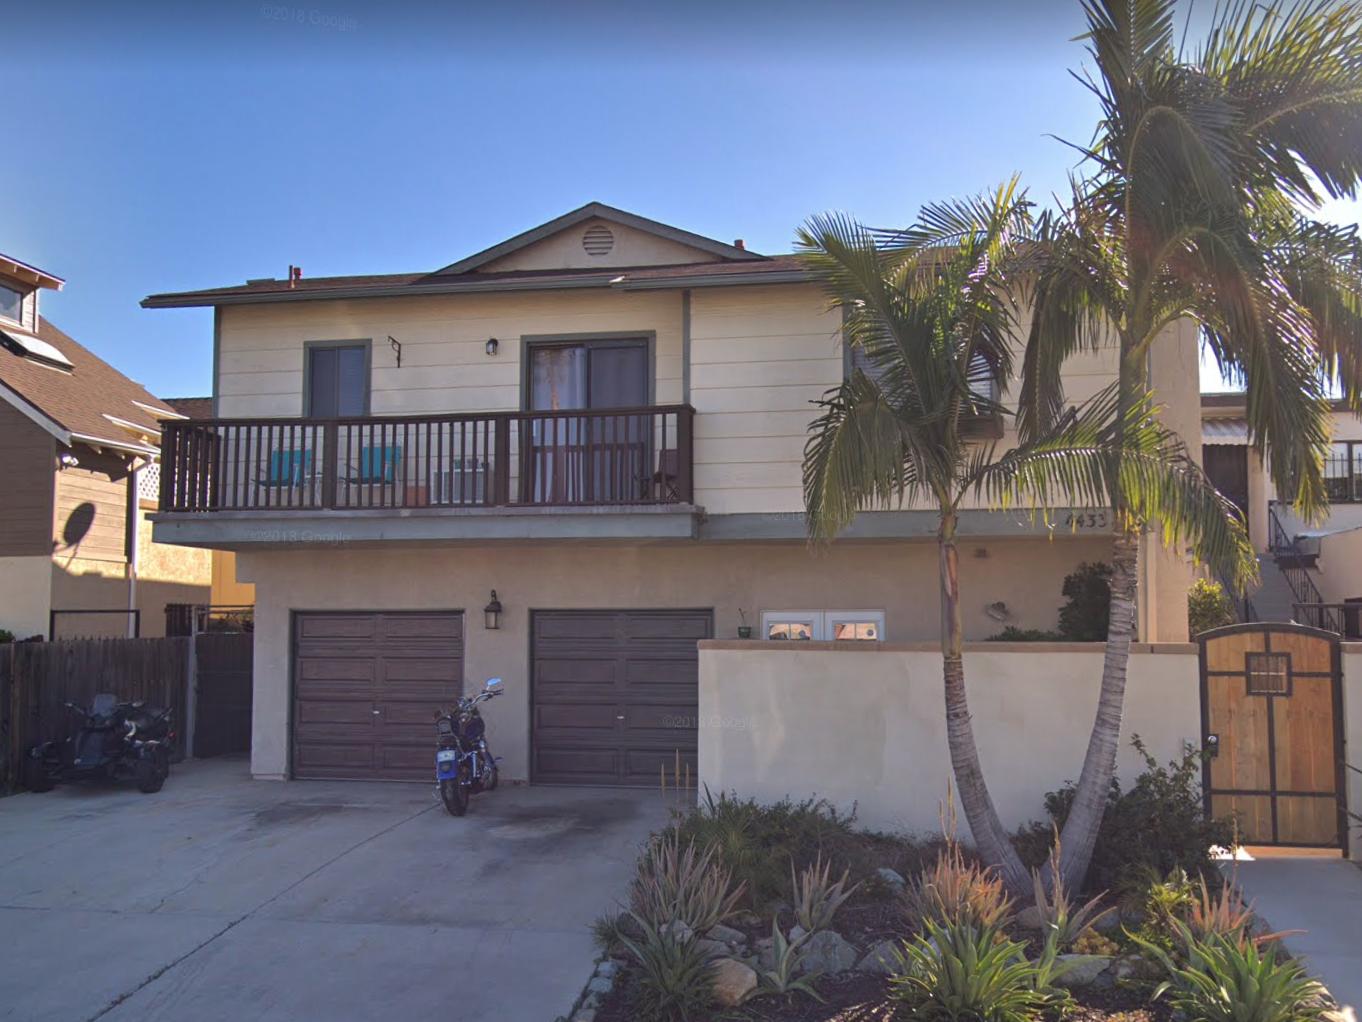 4433 Winona Avenue - Talamadge7 Units$1,950,000